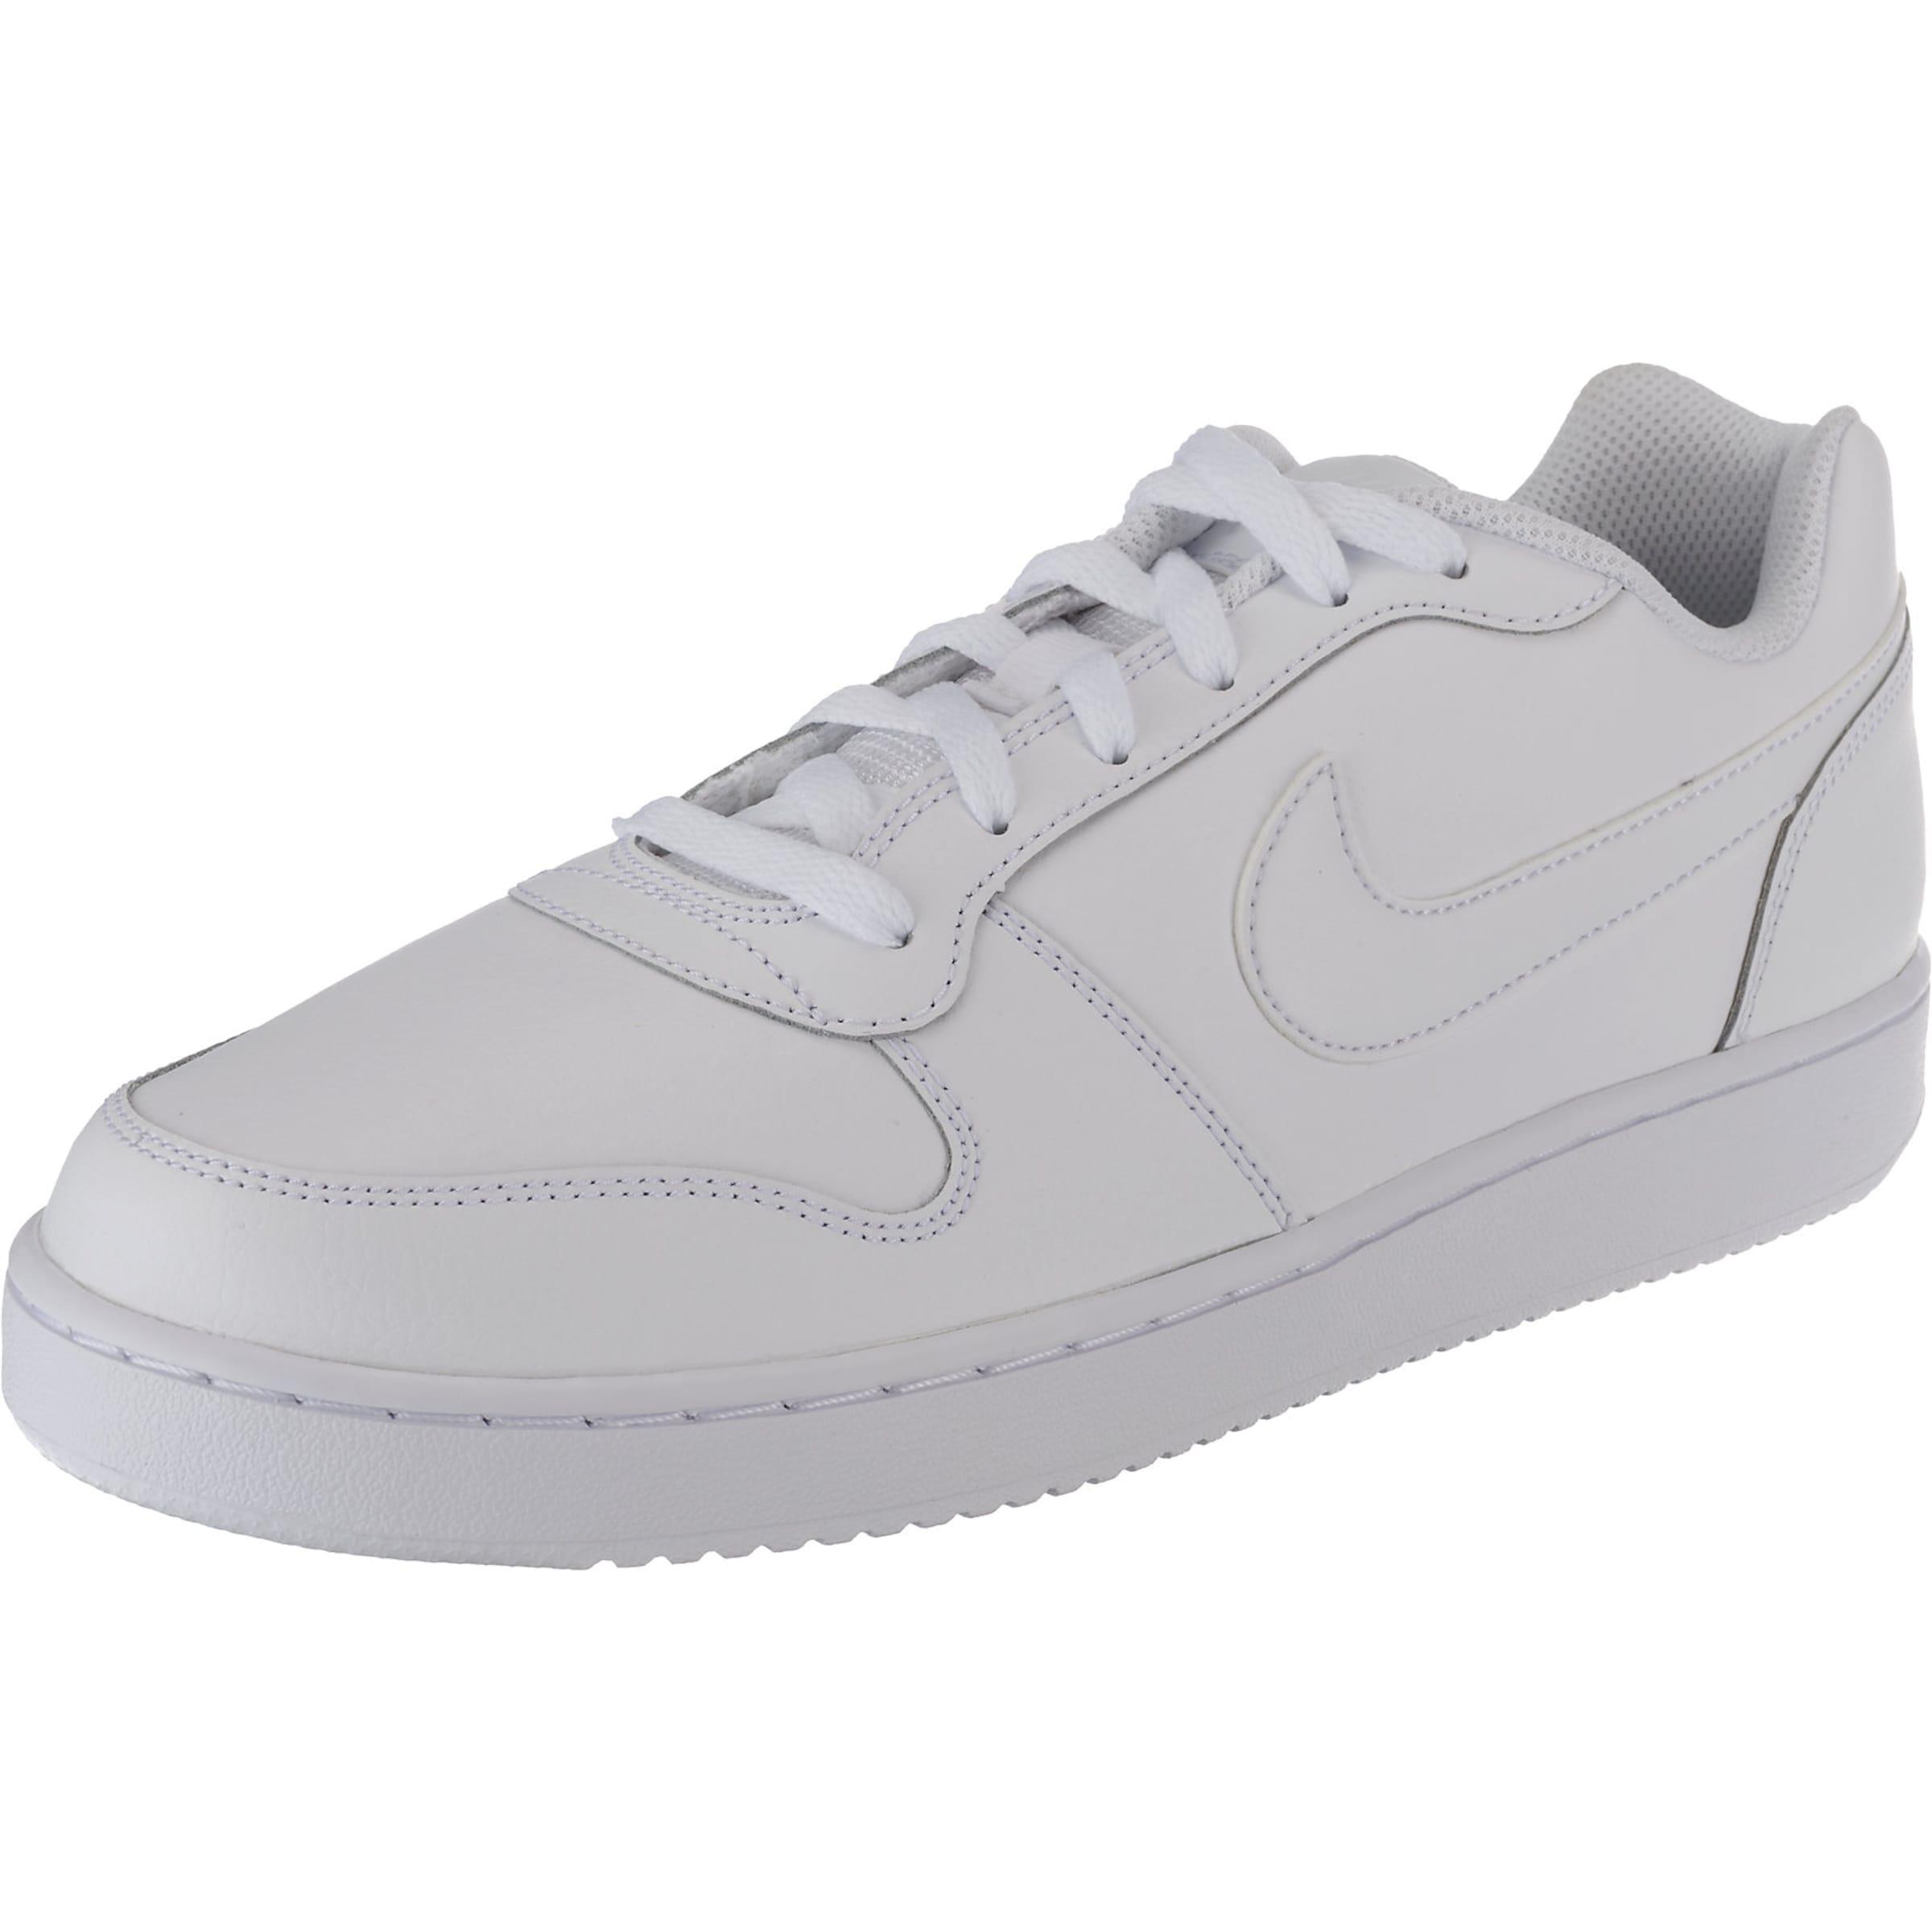 Sportswear Weiß In Sneakers 'ebernon' Nike 8wOPNnX0k